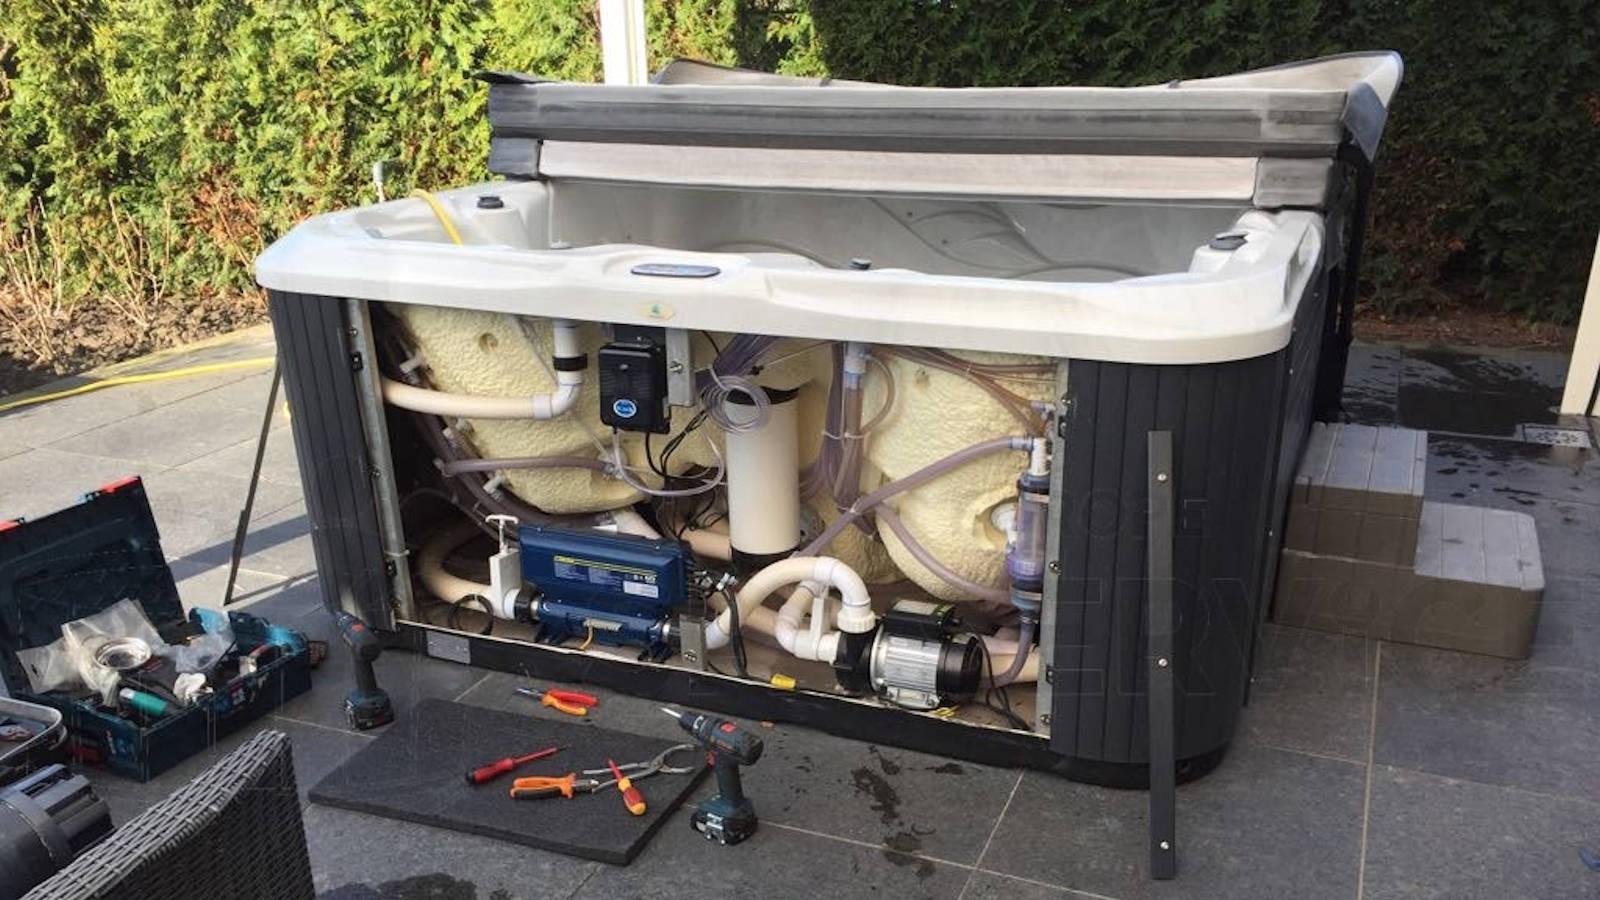 Ozonator en circulatiepomp vervangen van een Allseas spa in Oud Gastel